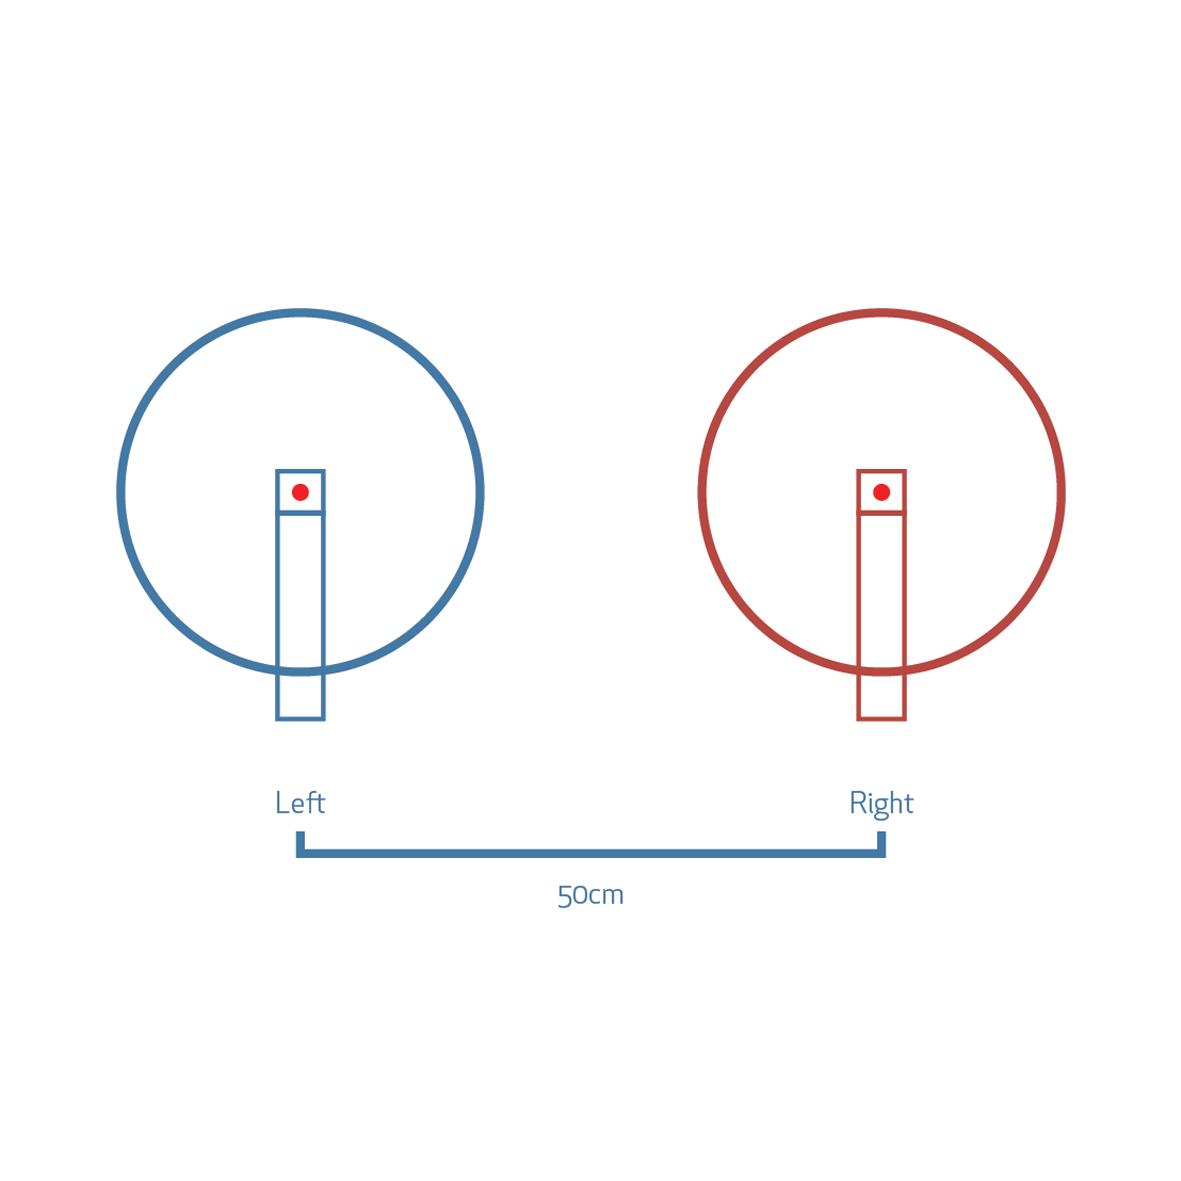 ambience_diagrams_final-03-copy